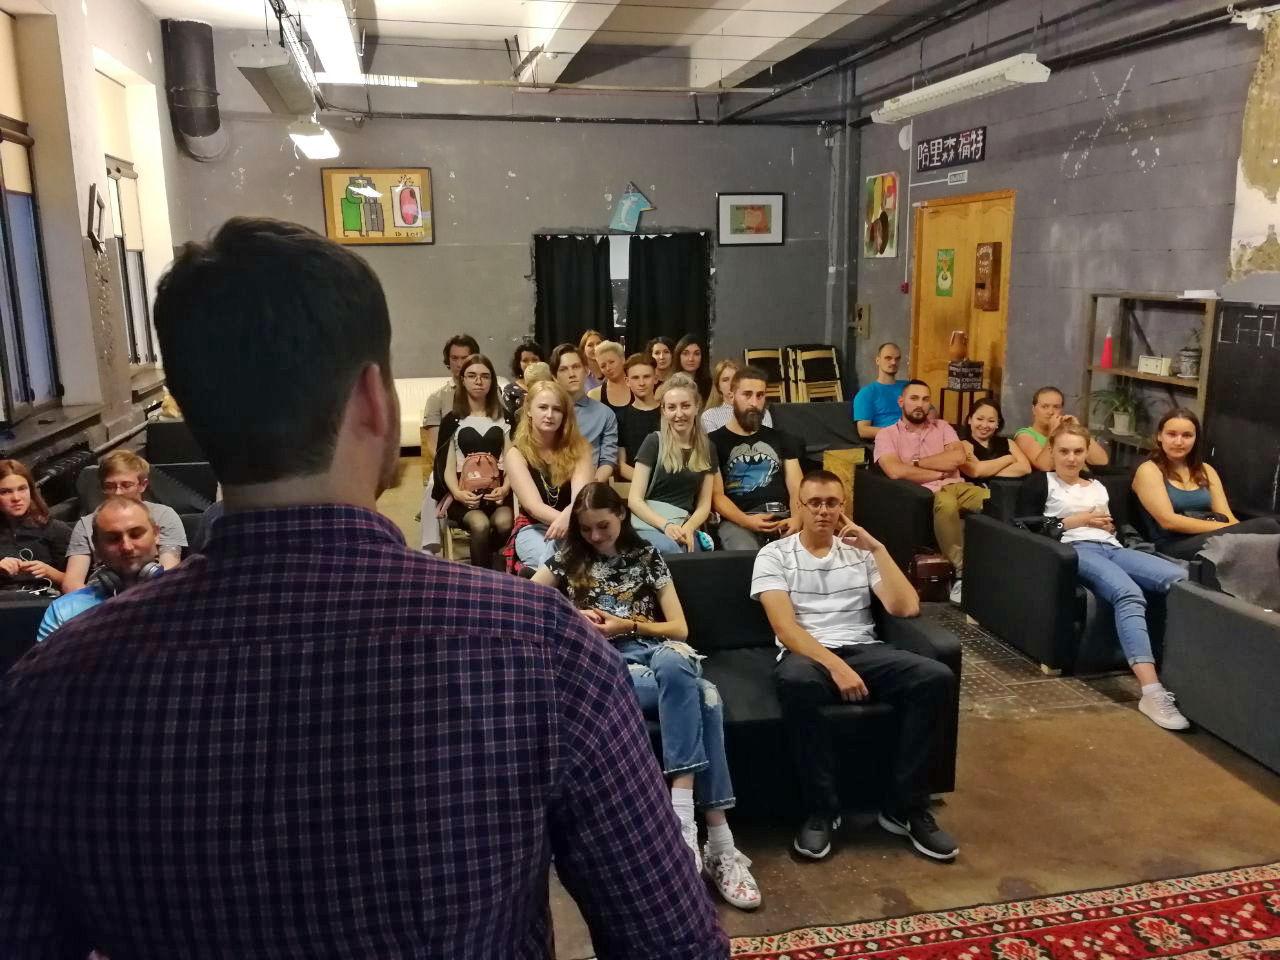 Лекция Александра Милованова «ГМО по соседству» © Фотография предоставлена организаторами проекта «МатЧасть» в Краснодаре